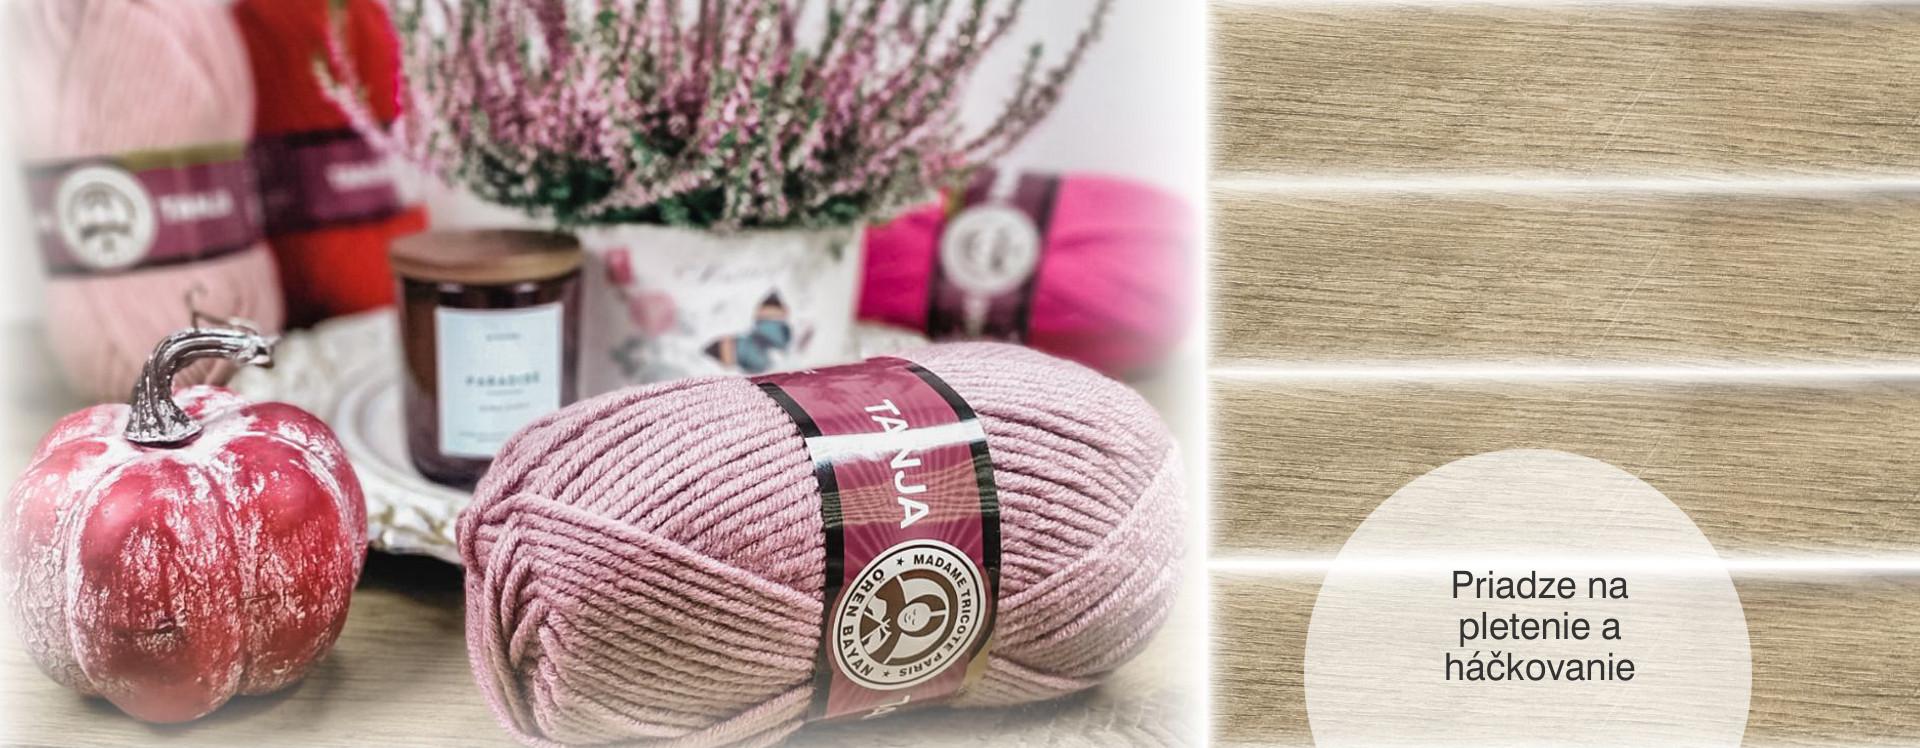 priadze pletenie háčkovanie